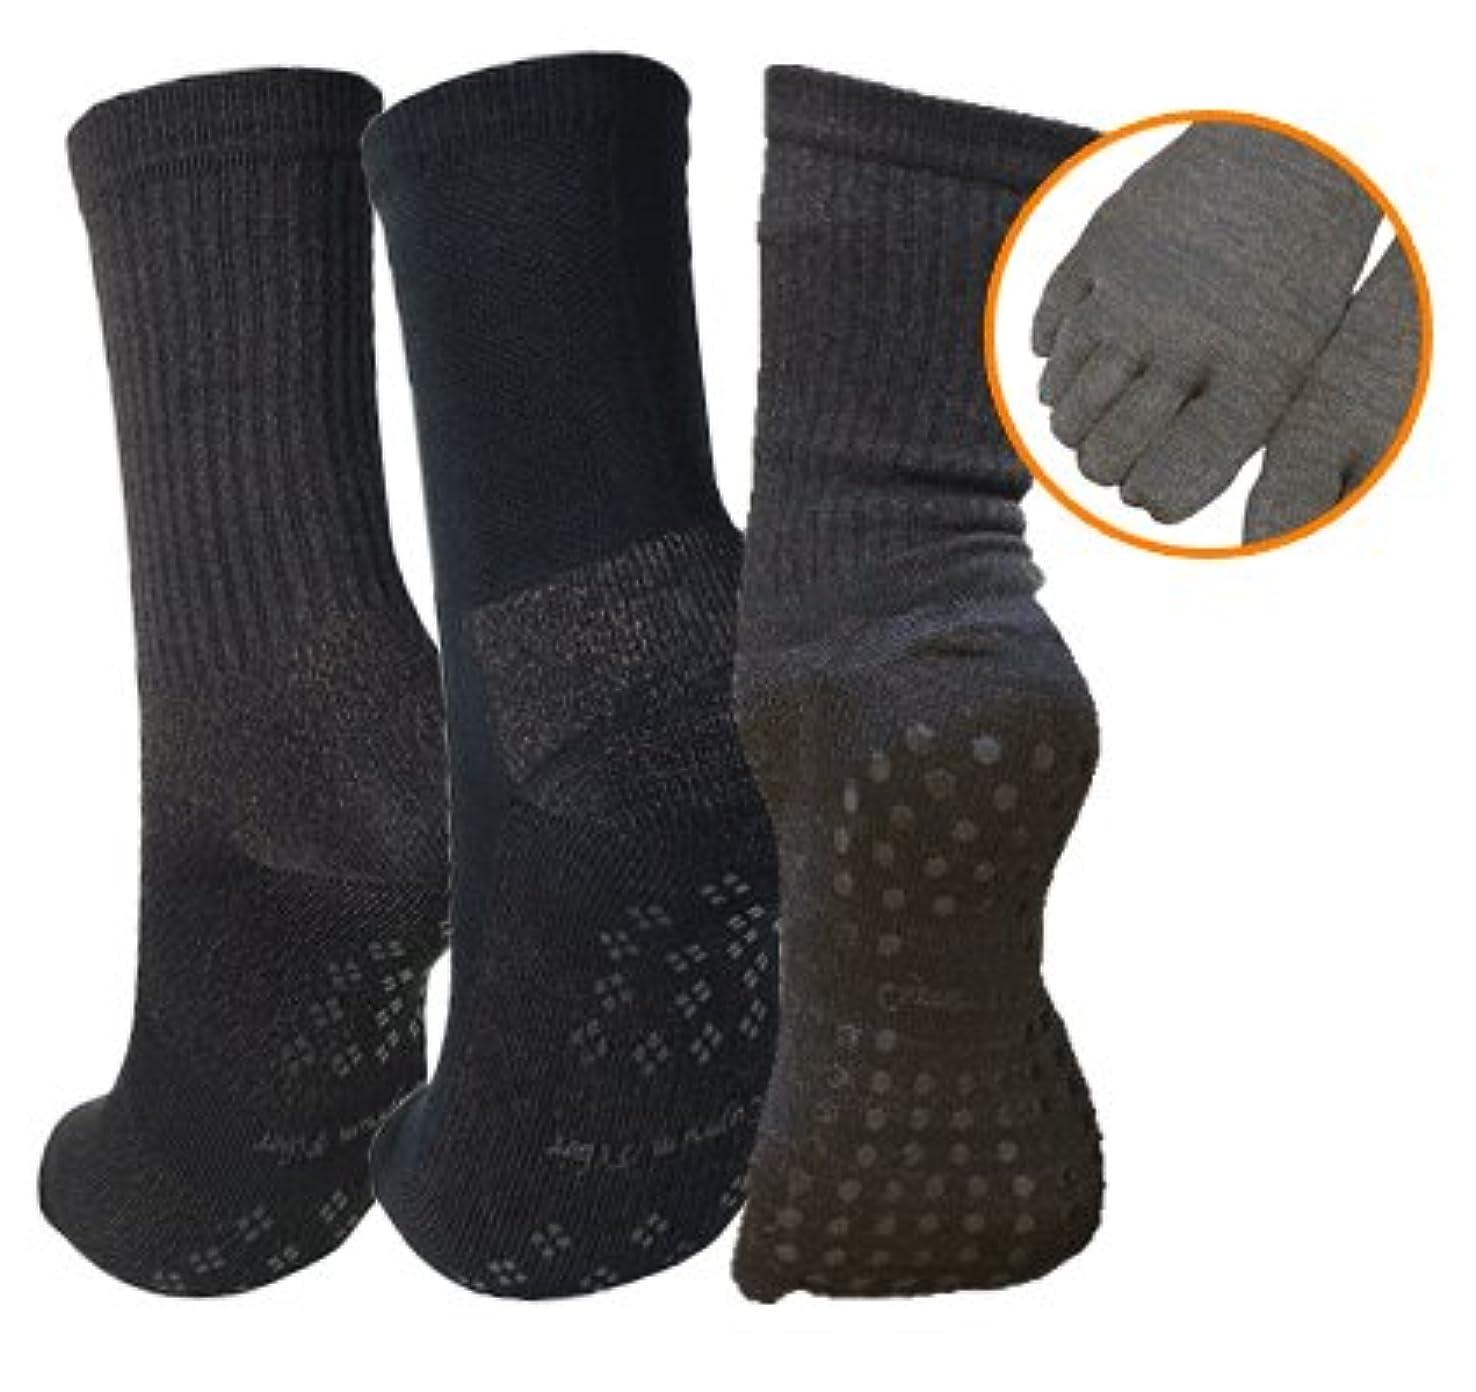 露絶妙プリーツ銅繊維靴下「足もとはいつも青春」 女性専用お得お試し3点セット 【しもやけ対策に】